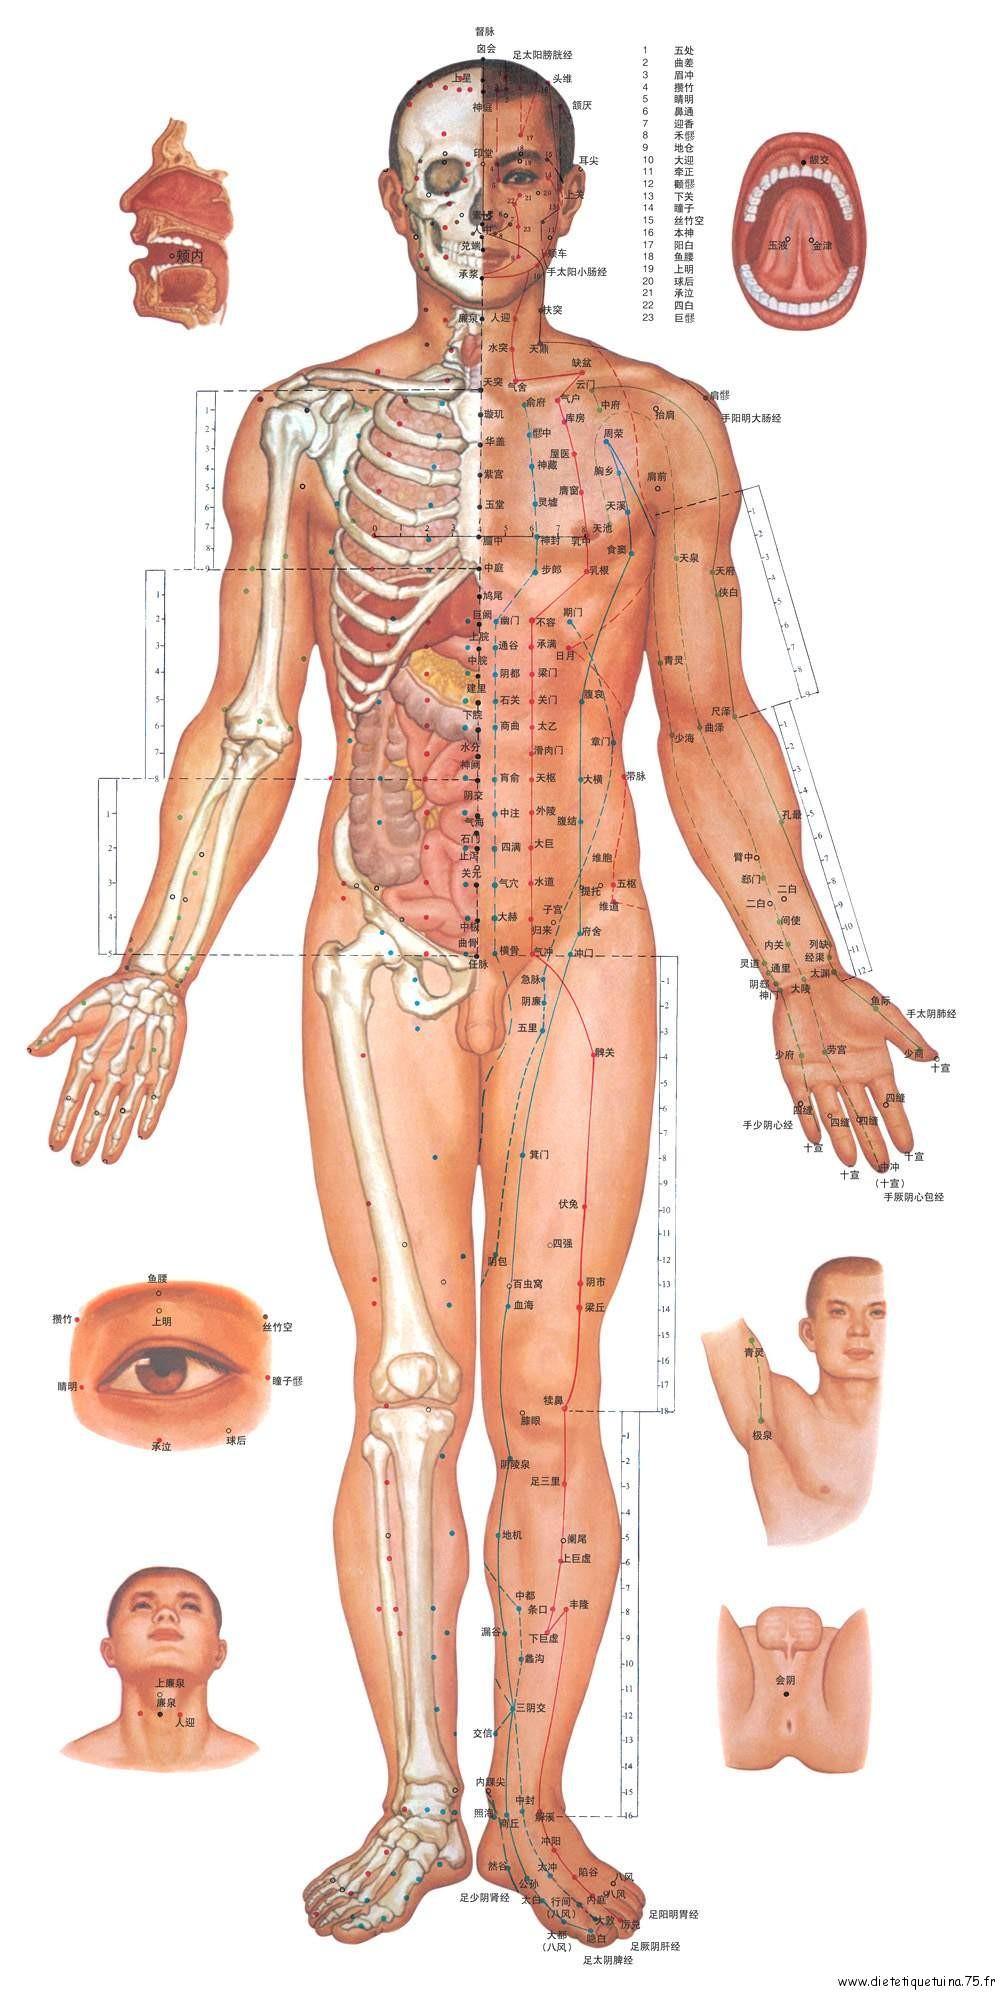 Méridiens et mesures en Cun, corps de face